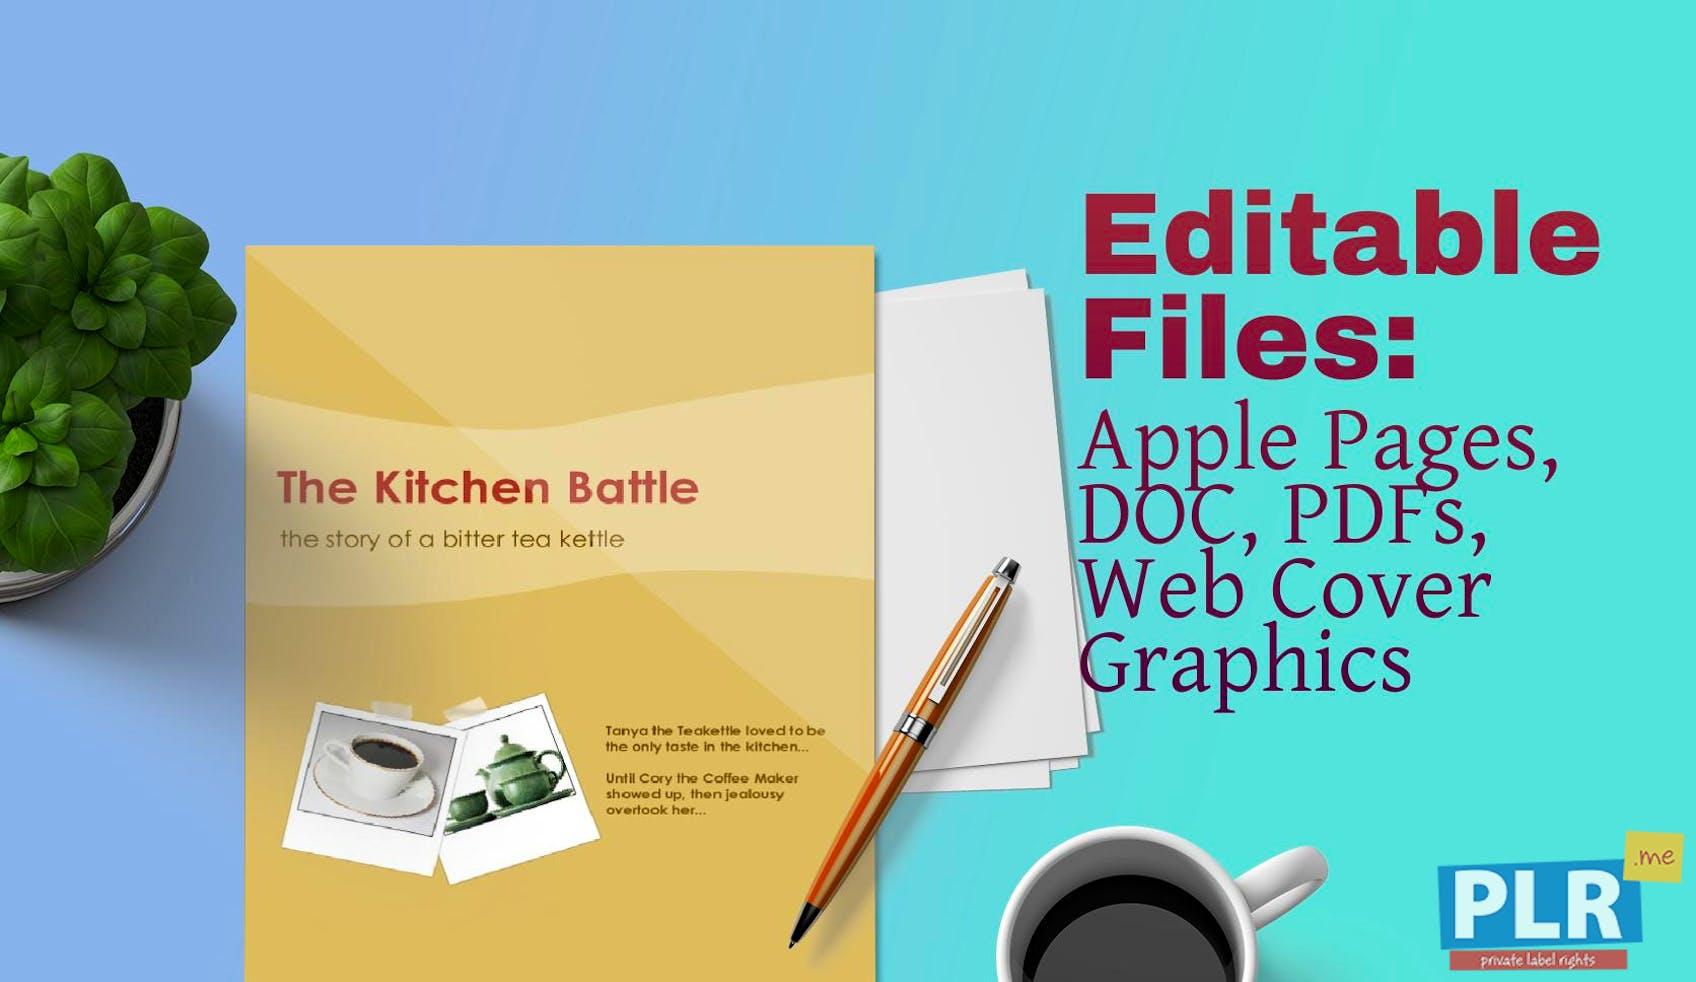 PLR Fables & Short Stories - The Kitchen Battle Fable - PLR.me